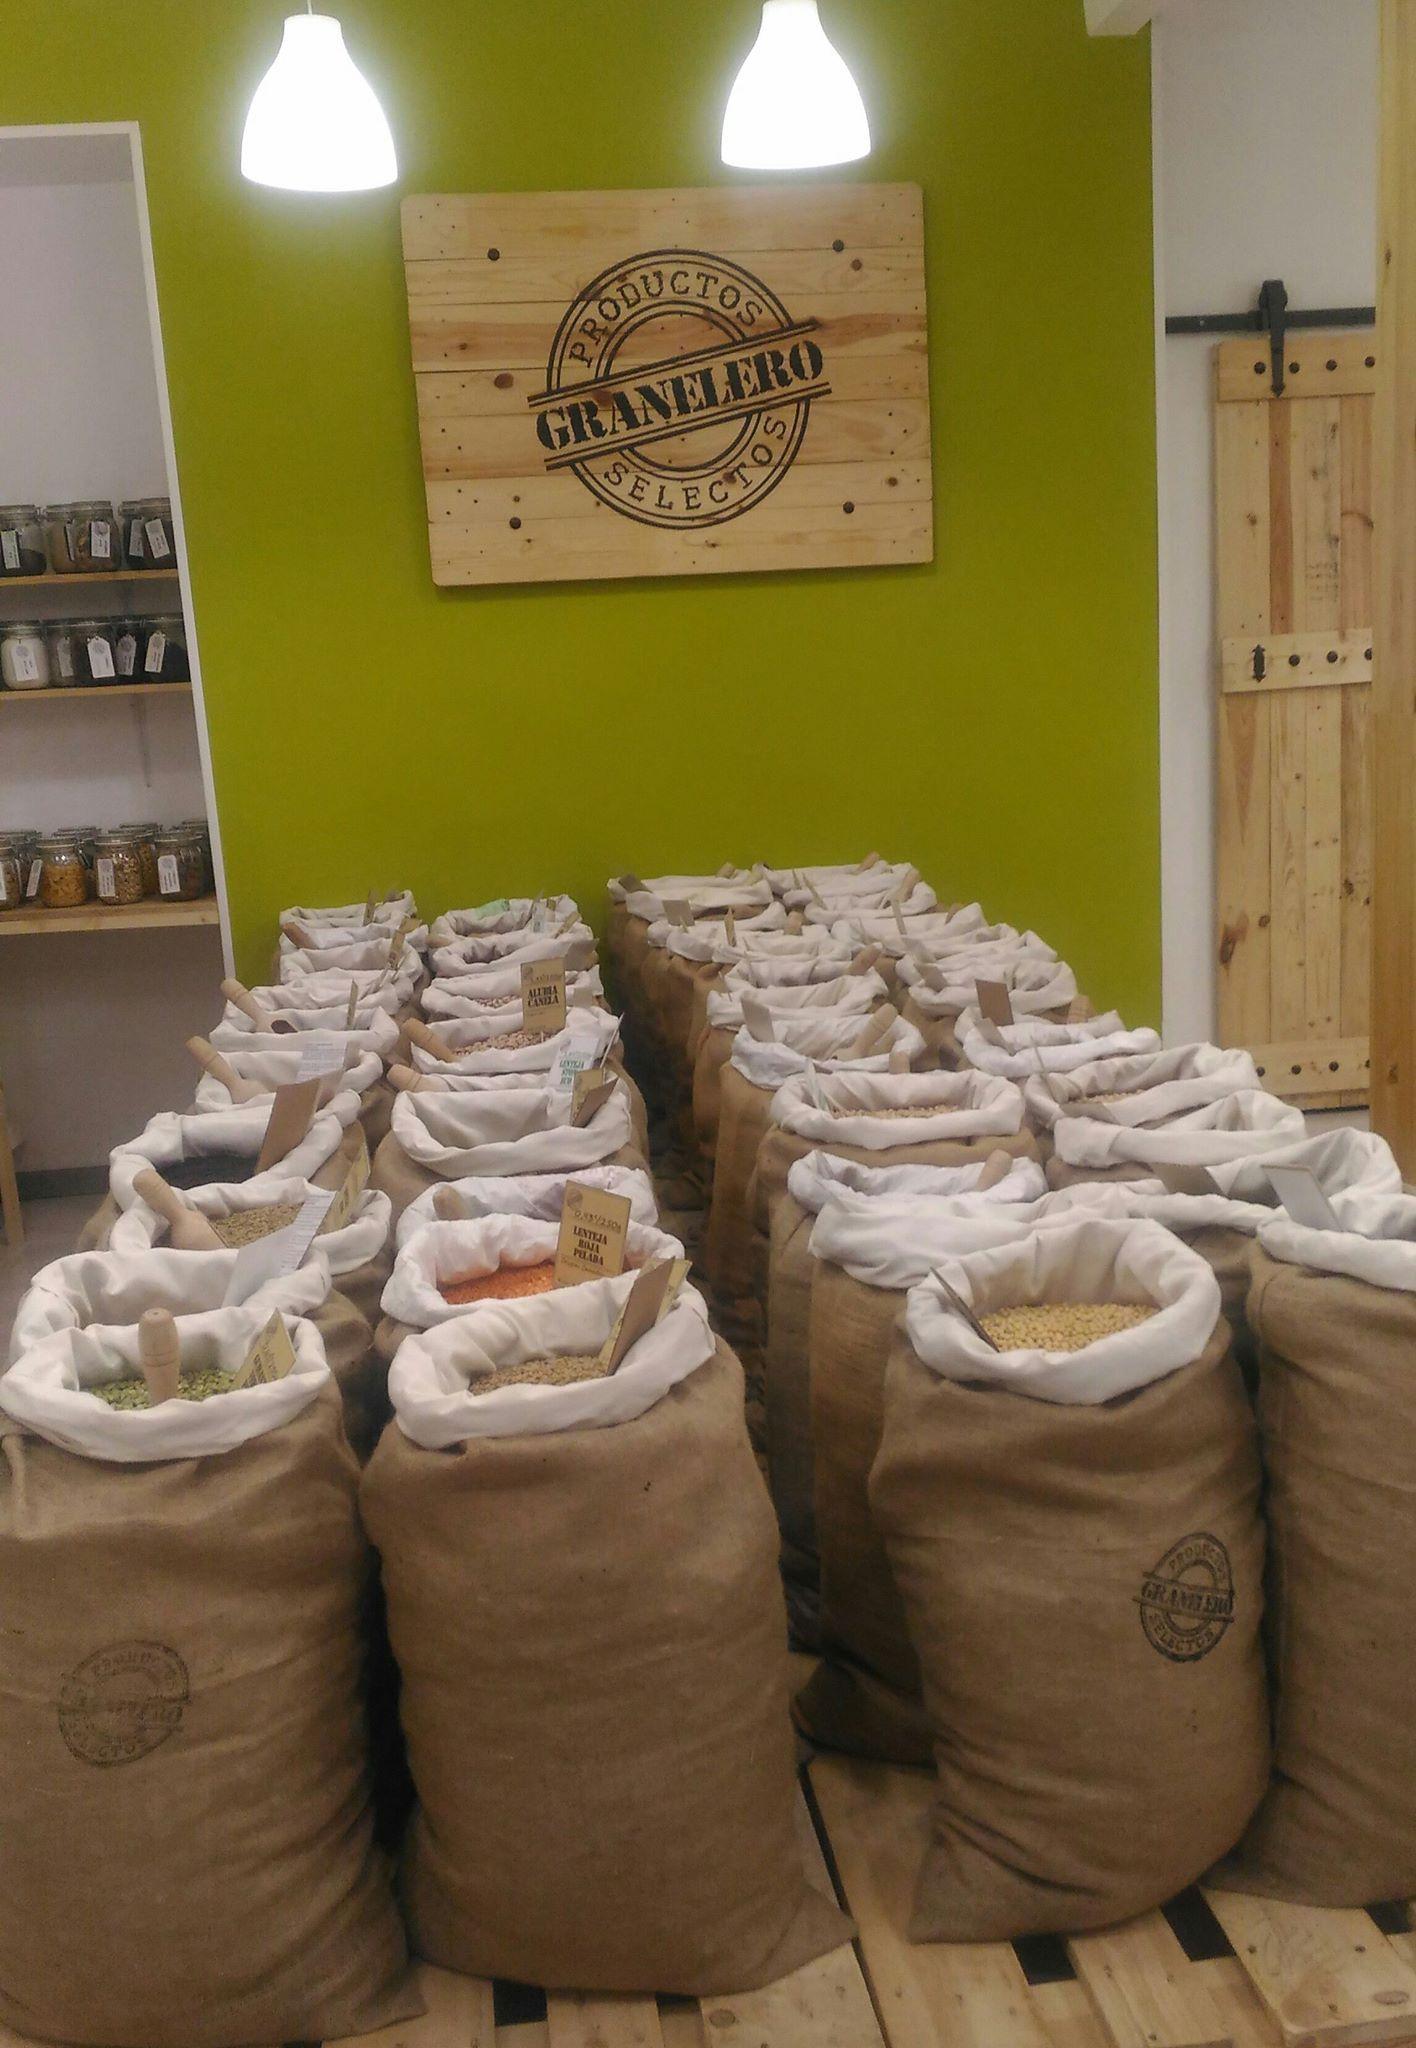 Tienda con venta de productos ecológicos a granel en Alcalá de Henares